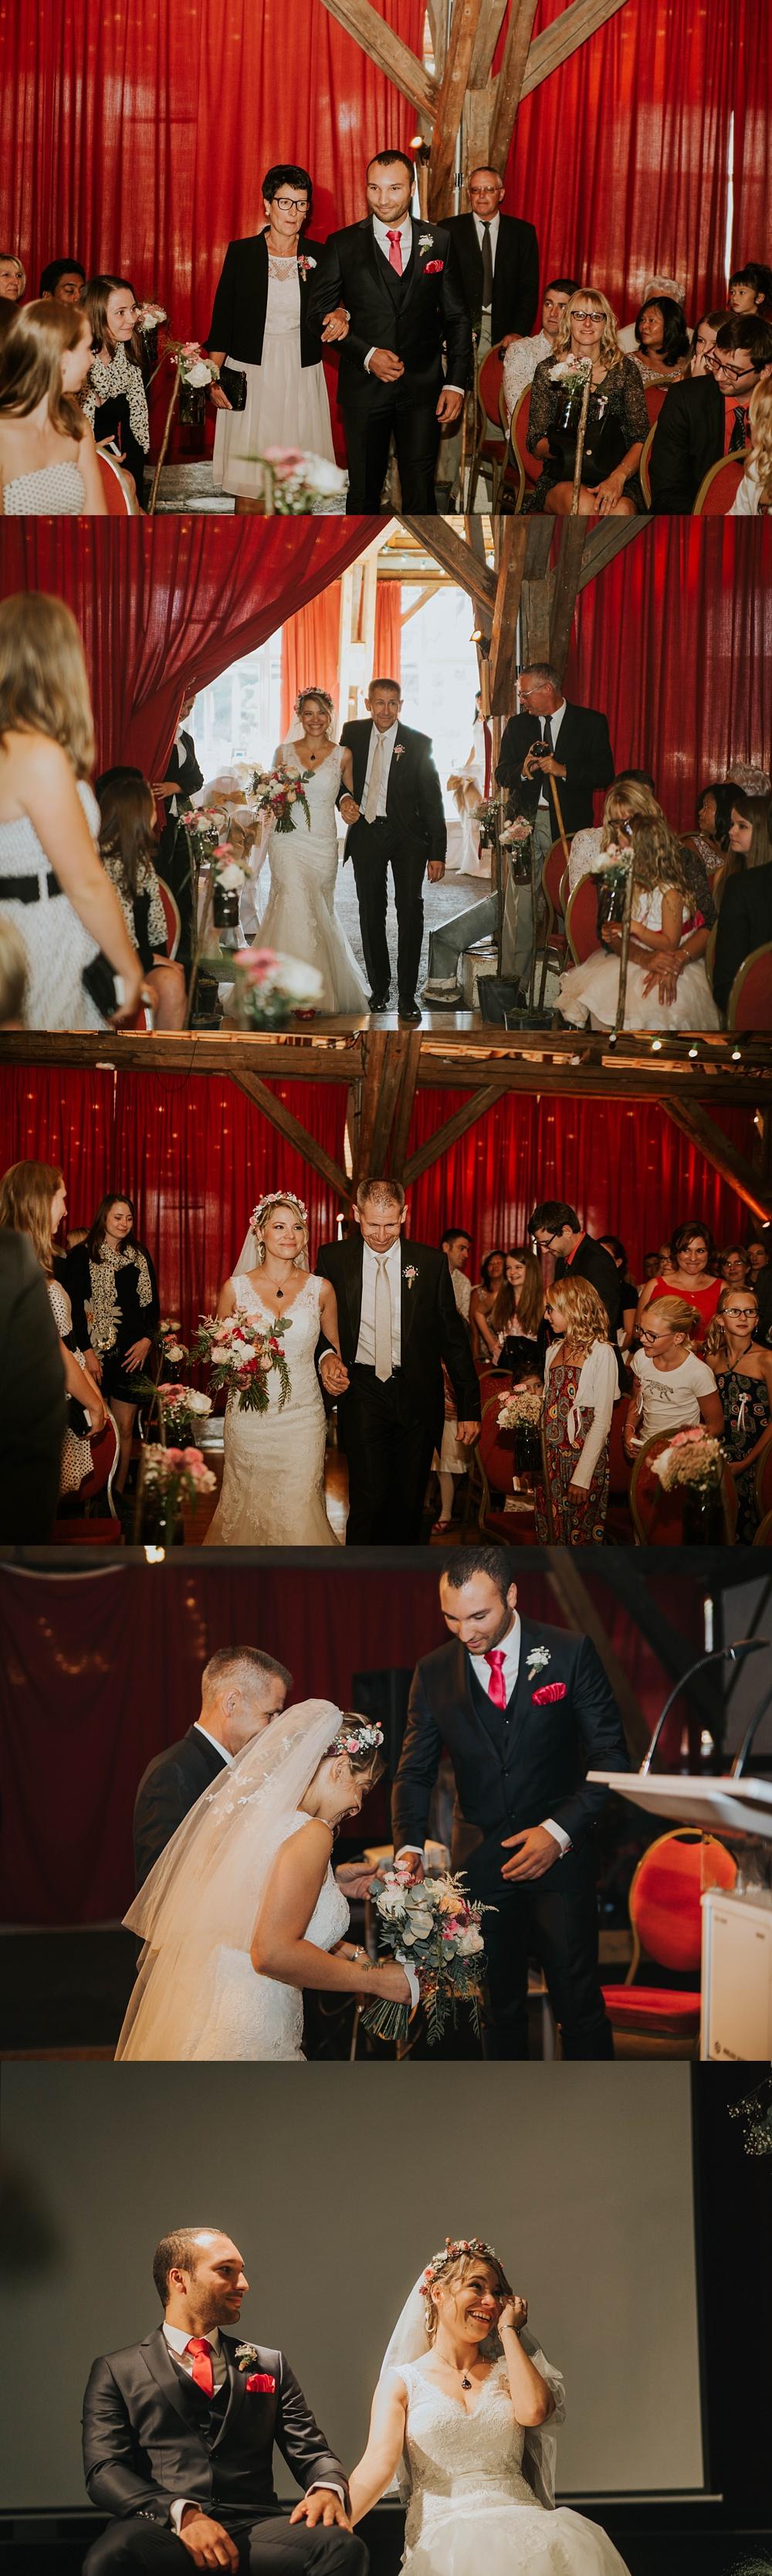 Mariage Ecomusée d'Alsace photographe